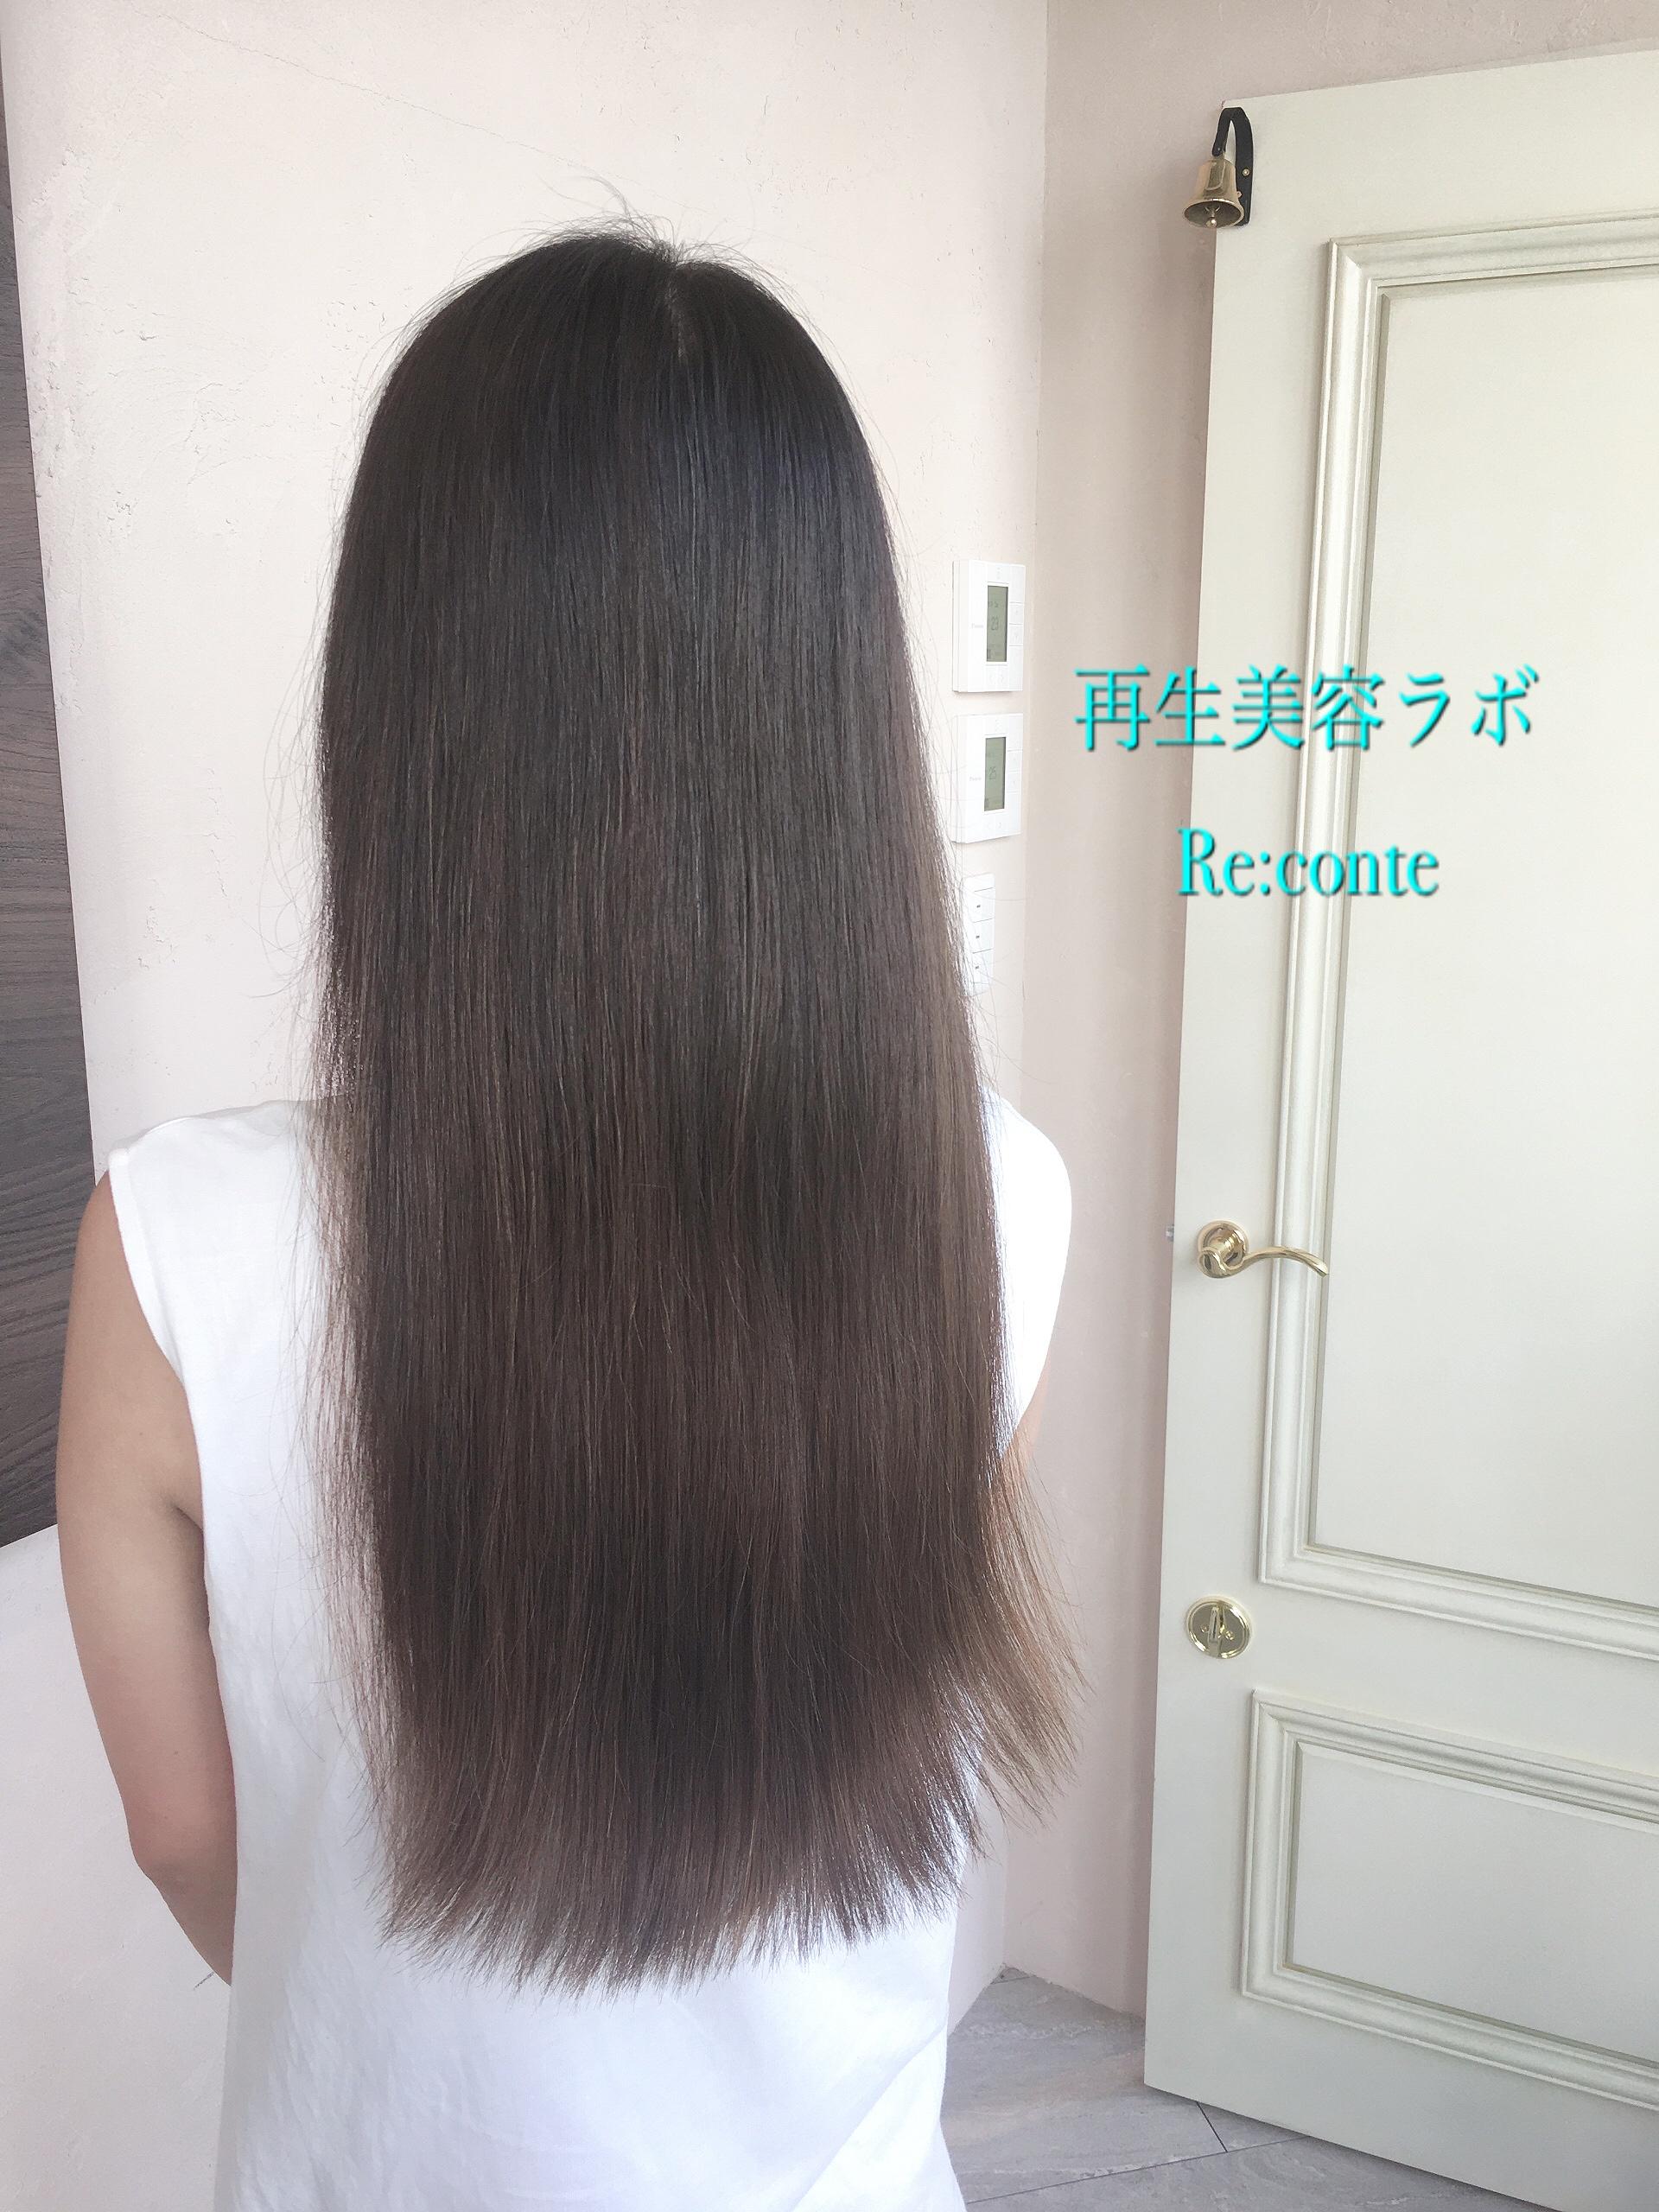 上本町リコンテ ヘッドスパ 紫外線ダメージ対策 抜け毛対策